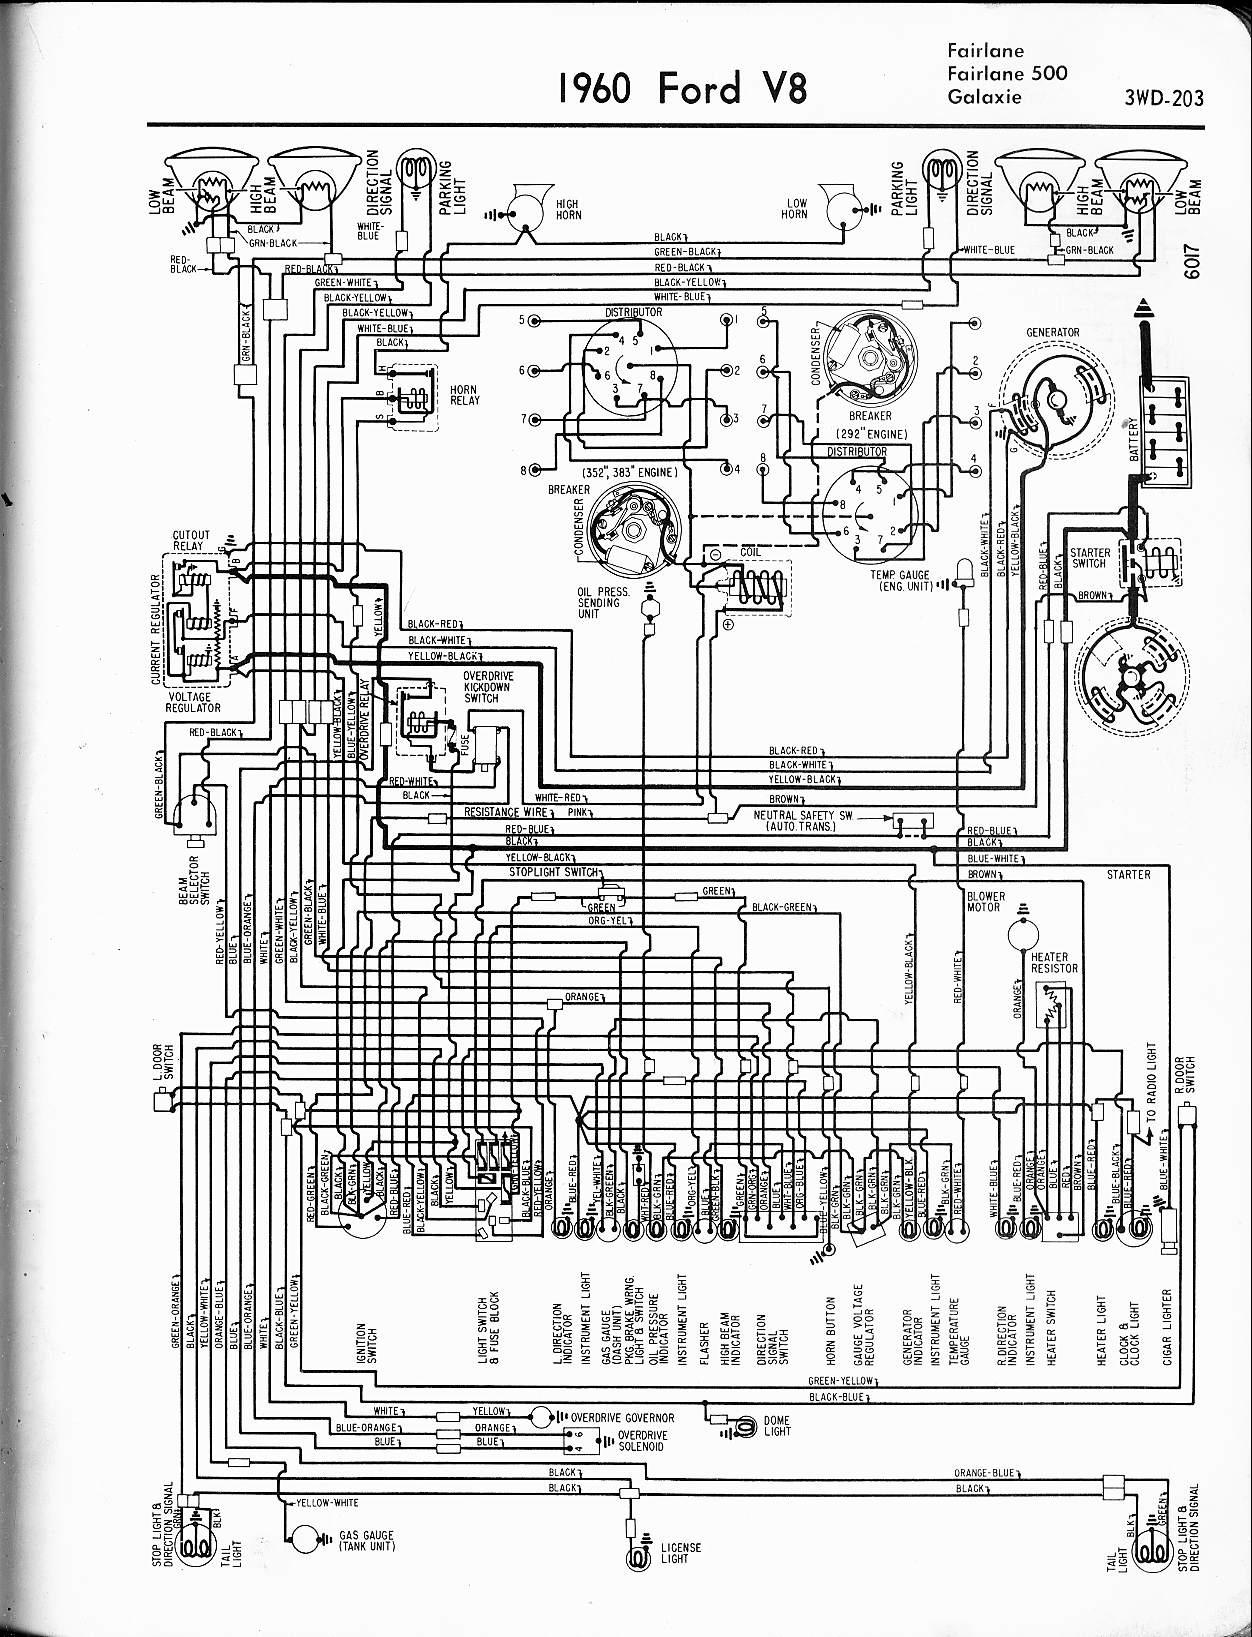 1967 international pickup wiring diagram wiring diagram experts1955 international pickup wiring diagram wiring diagram data 1955 ford generator wiring diagram basic electronics wiring